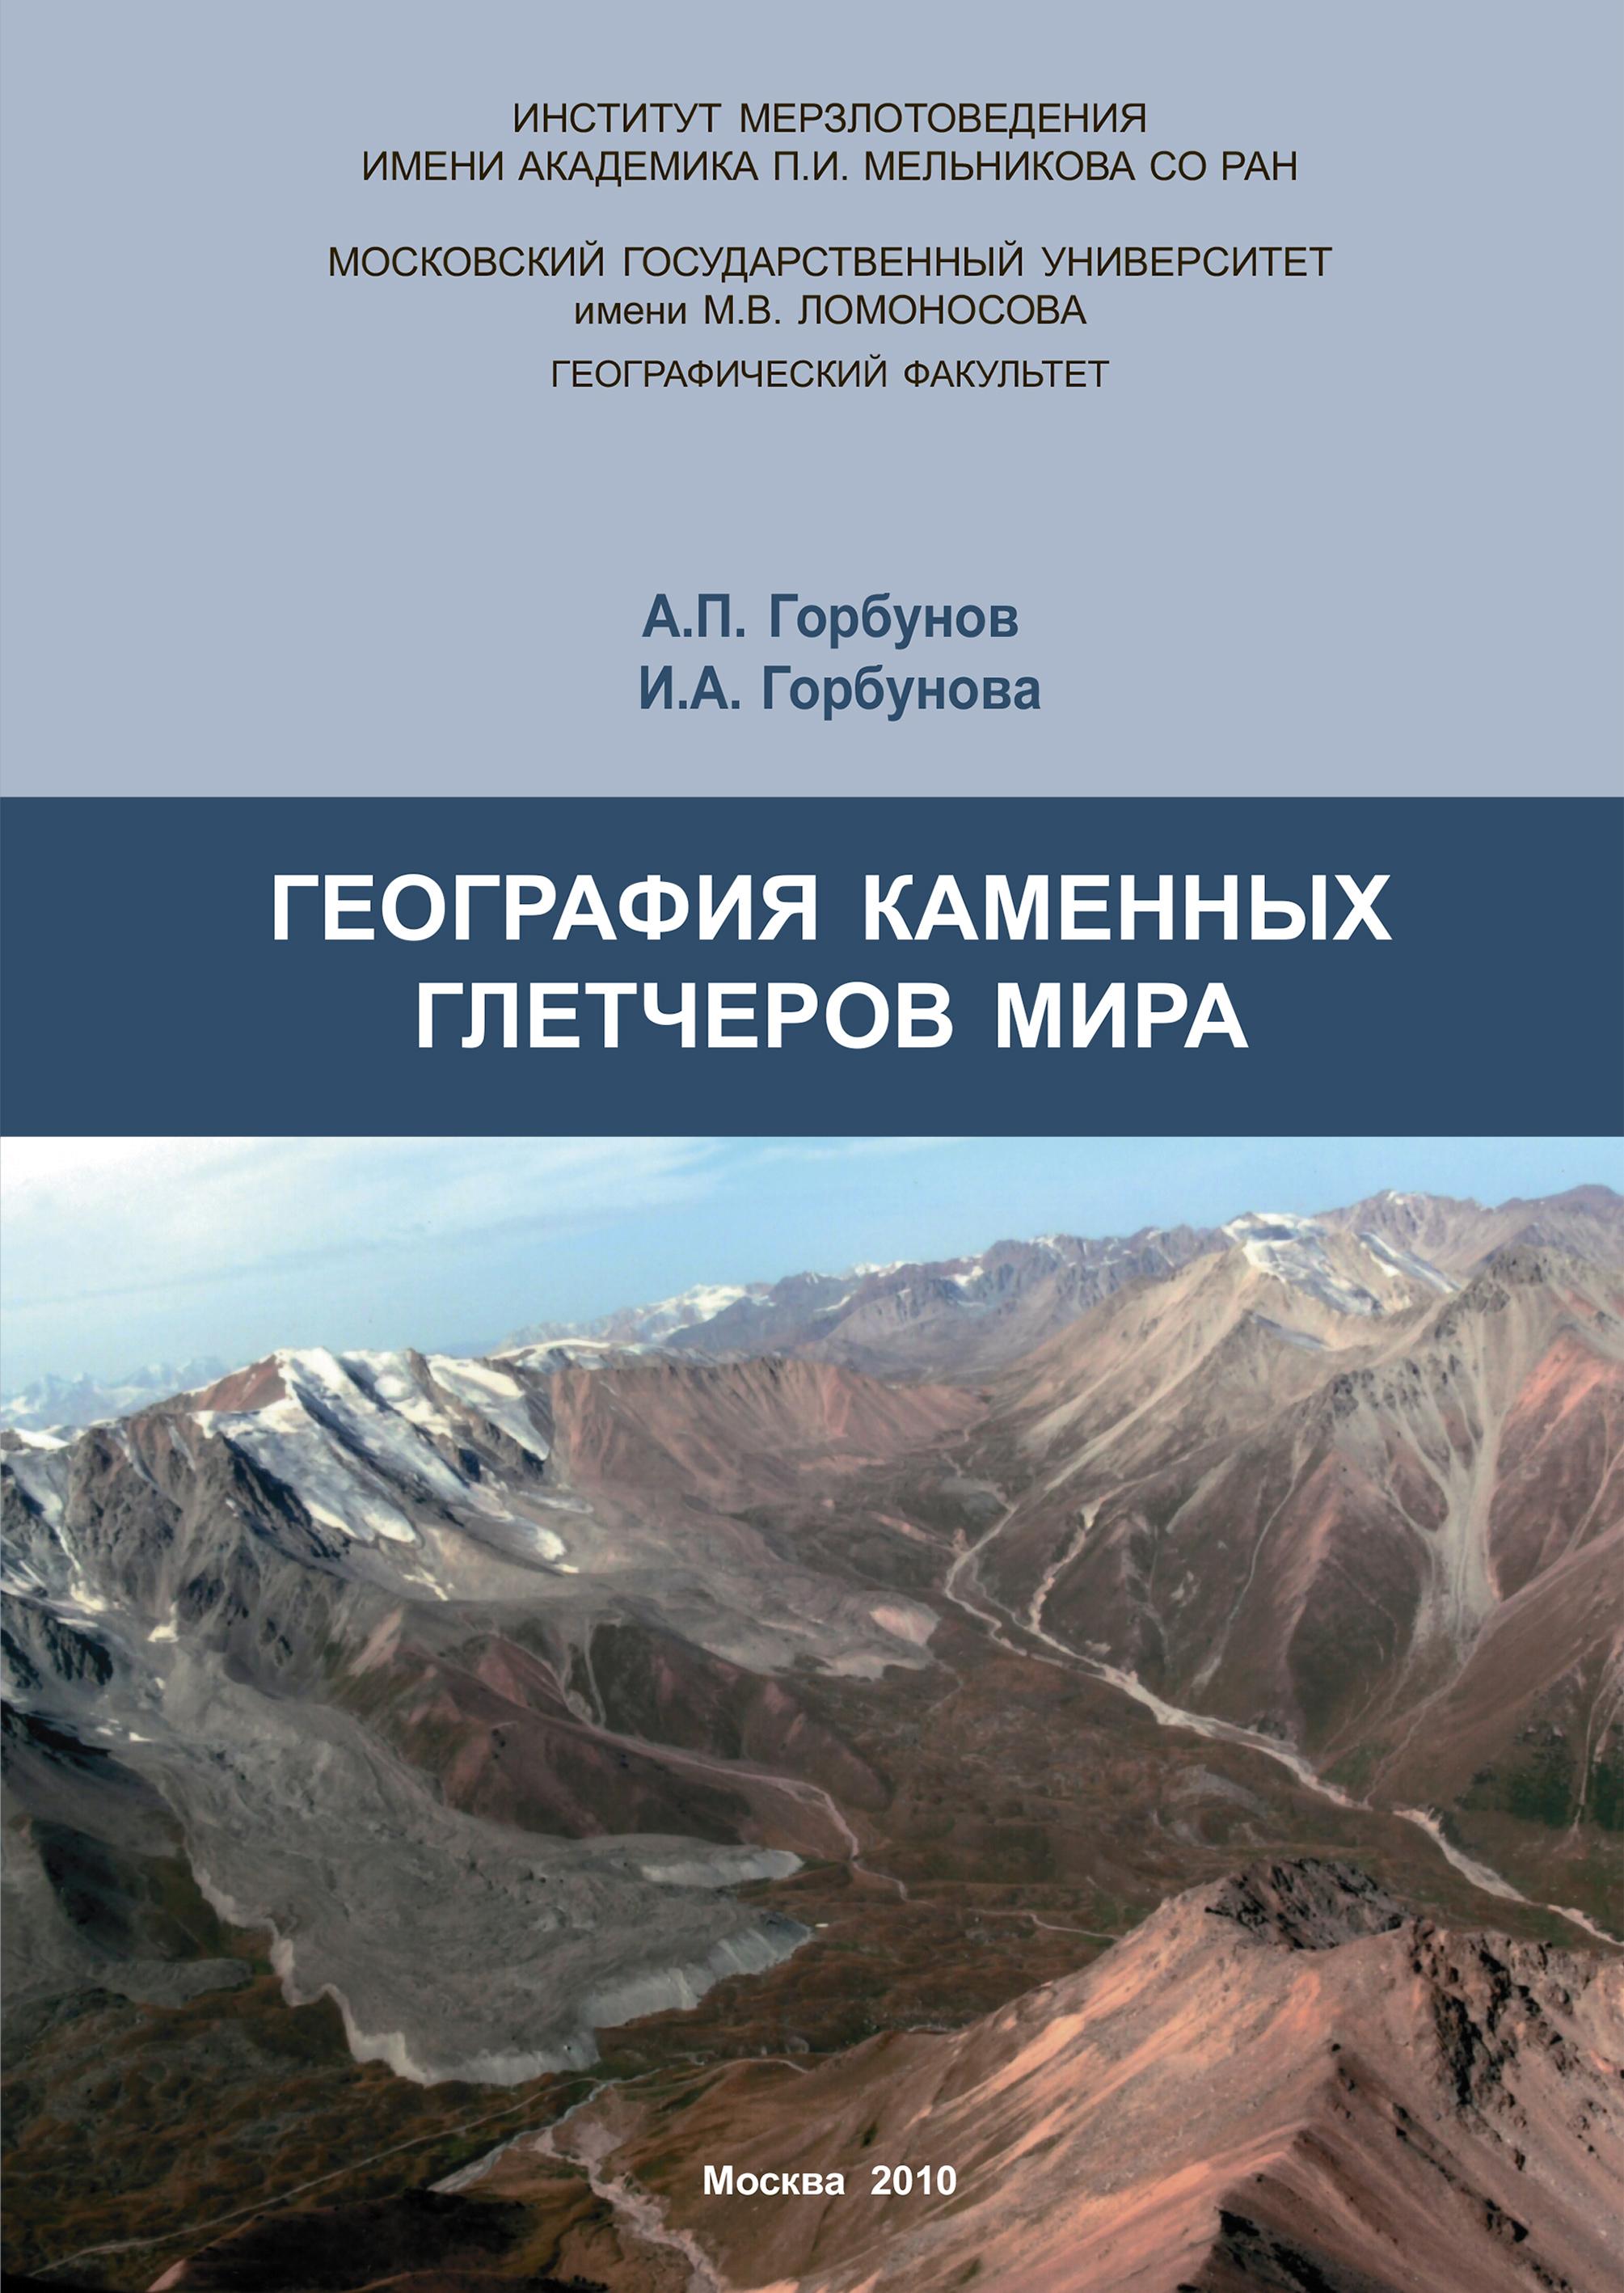 geografiya kamennykh gletcherov mira